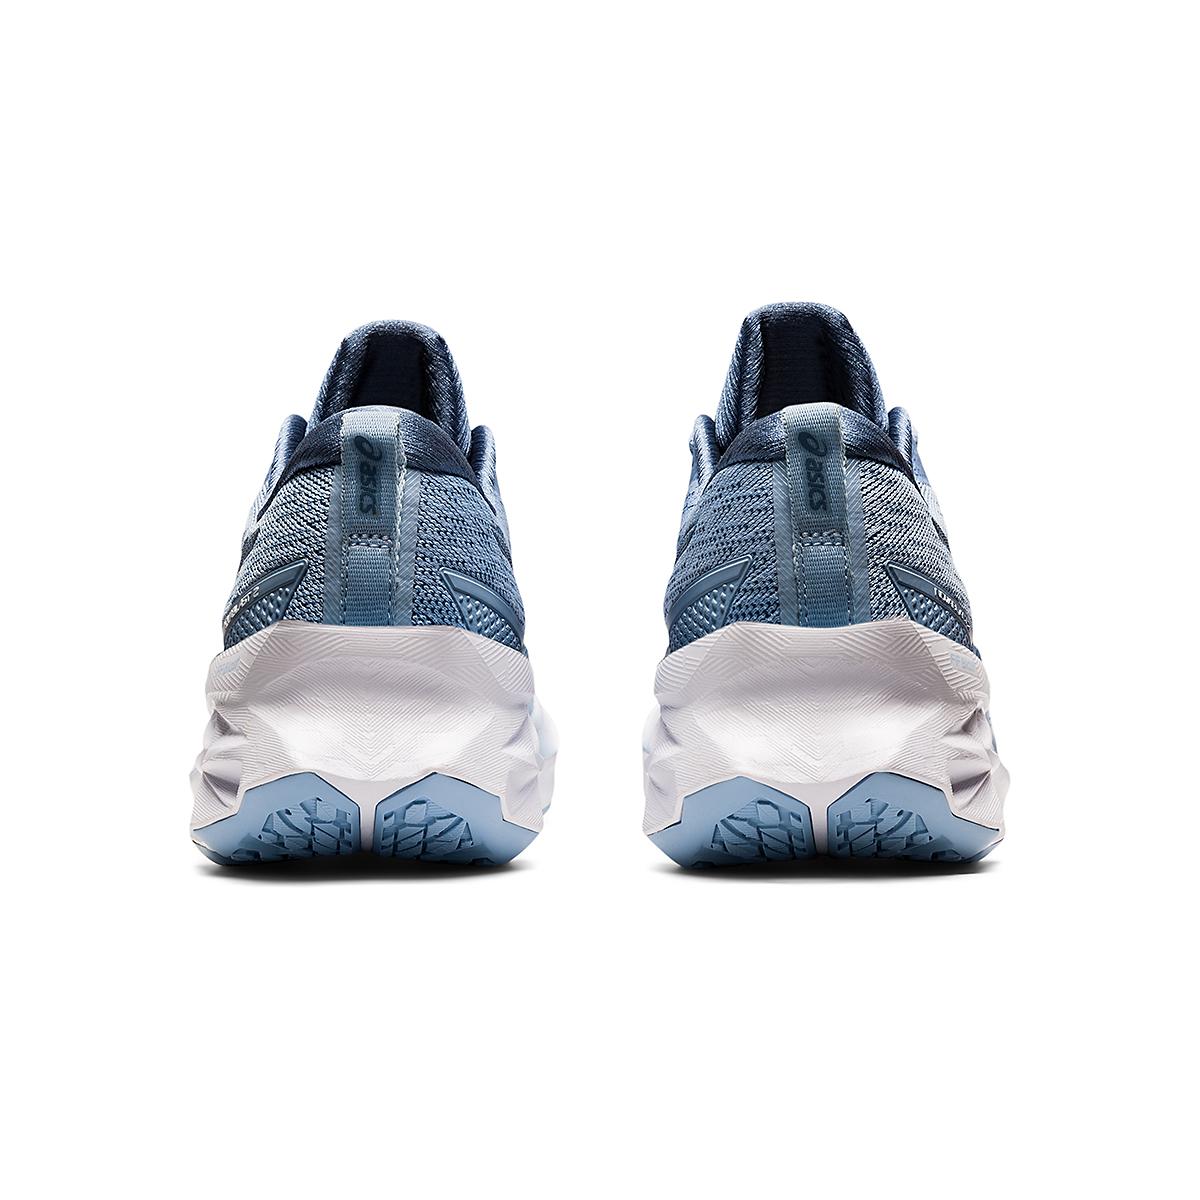 Women's Asics Novablast 2 Running Shoe - Color: Mist/Soft Sky - Size: 5 - Width: Regular, Mist/Soft Sky, large, image 6